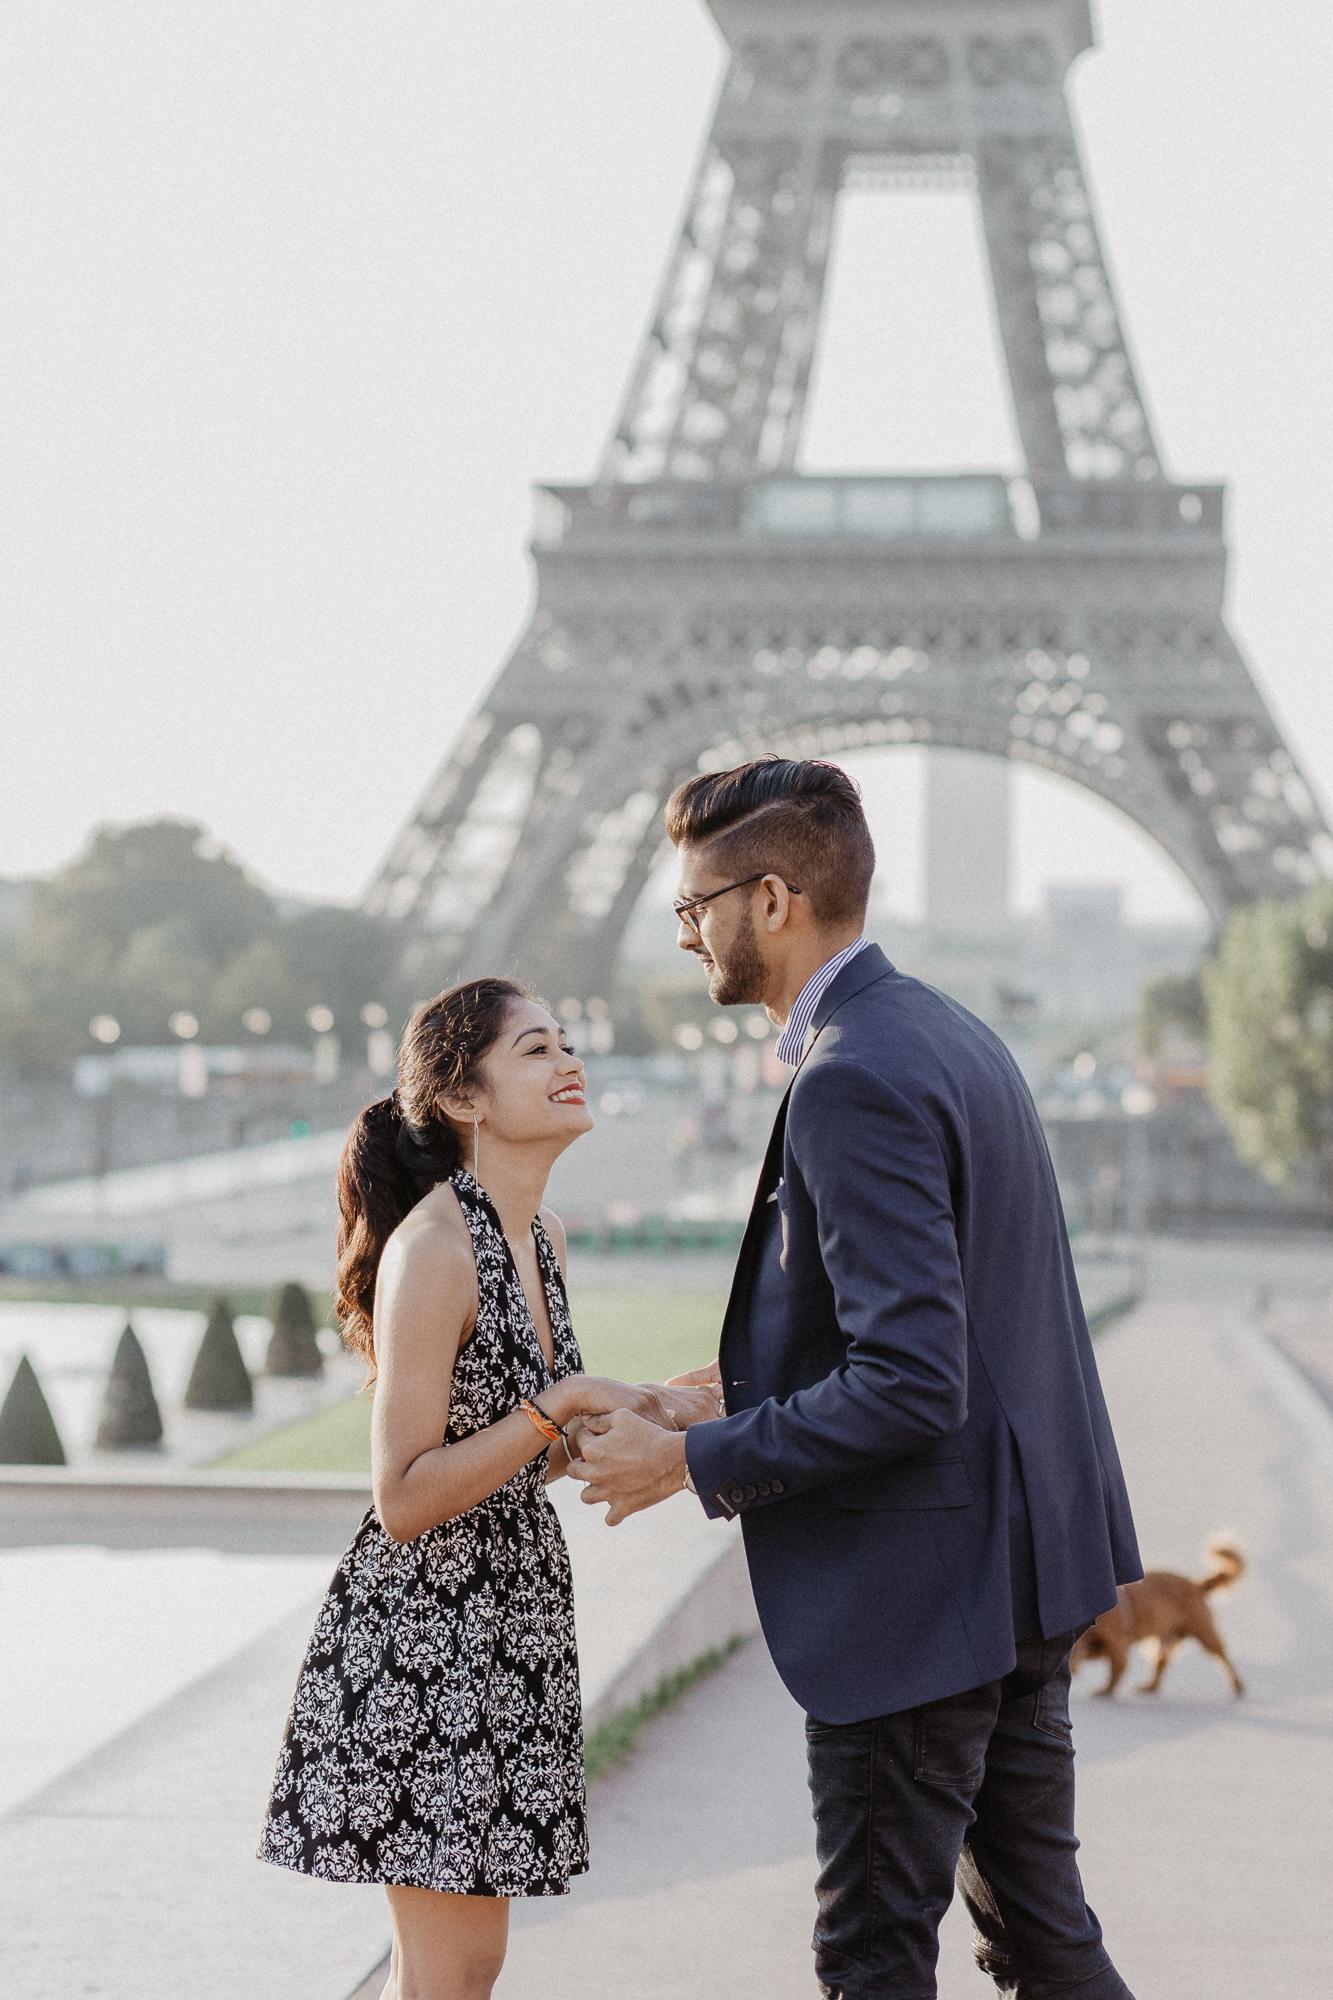 surprise proposal photography paris